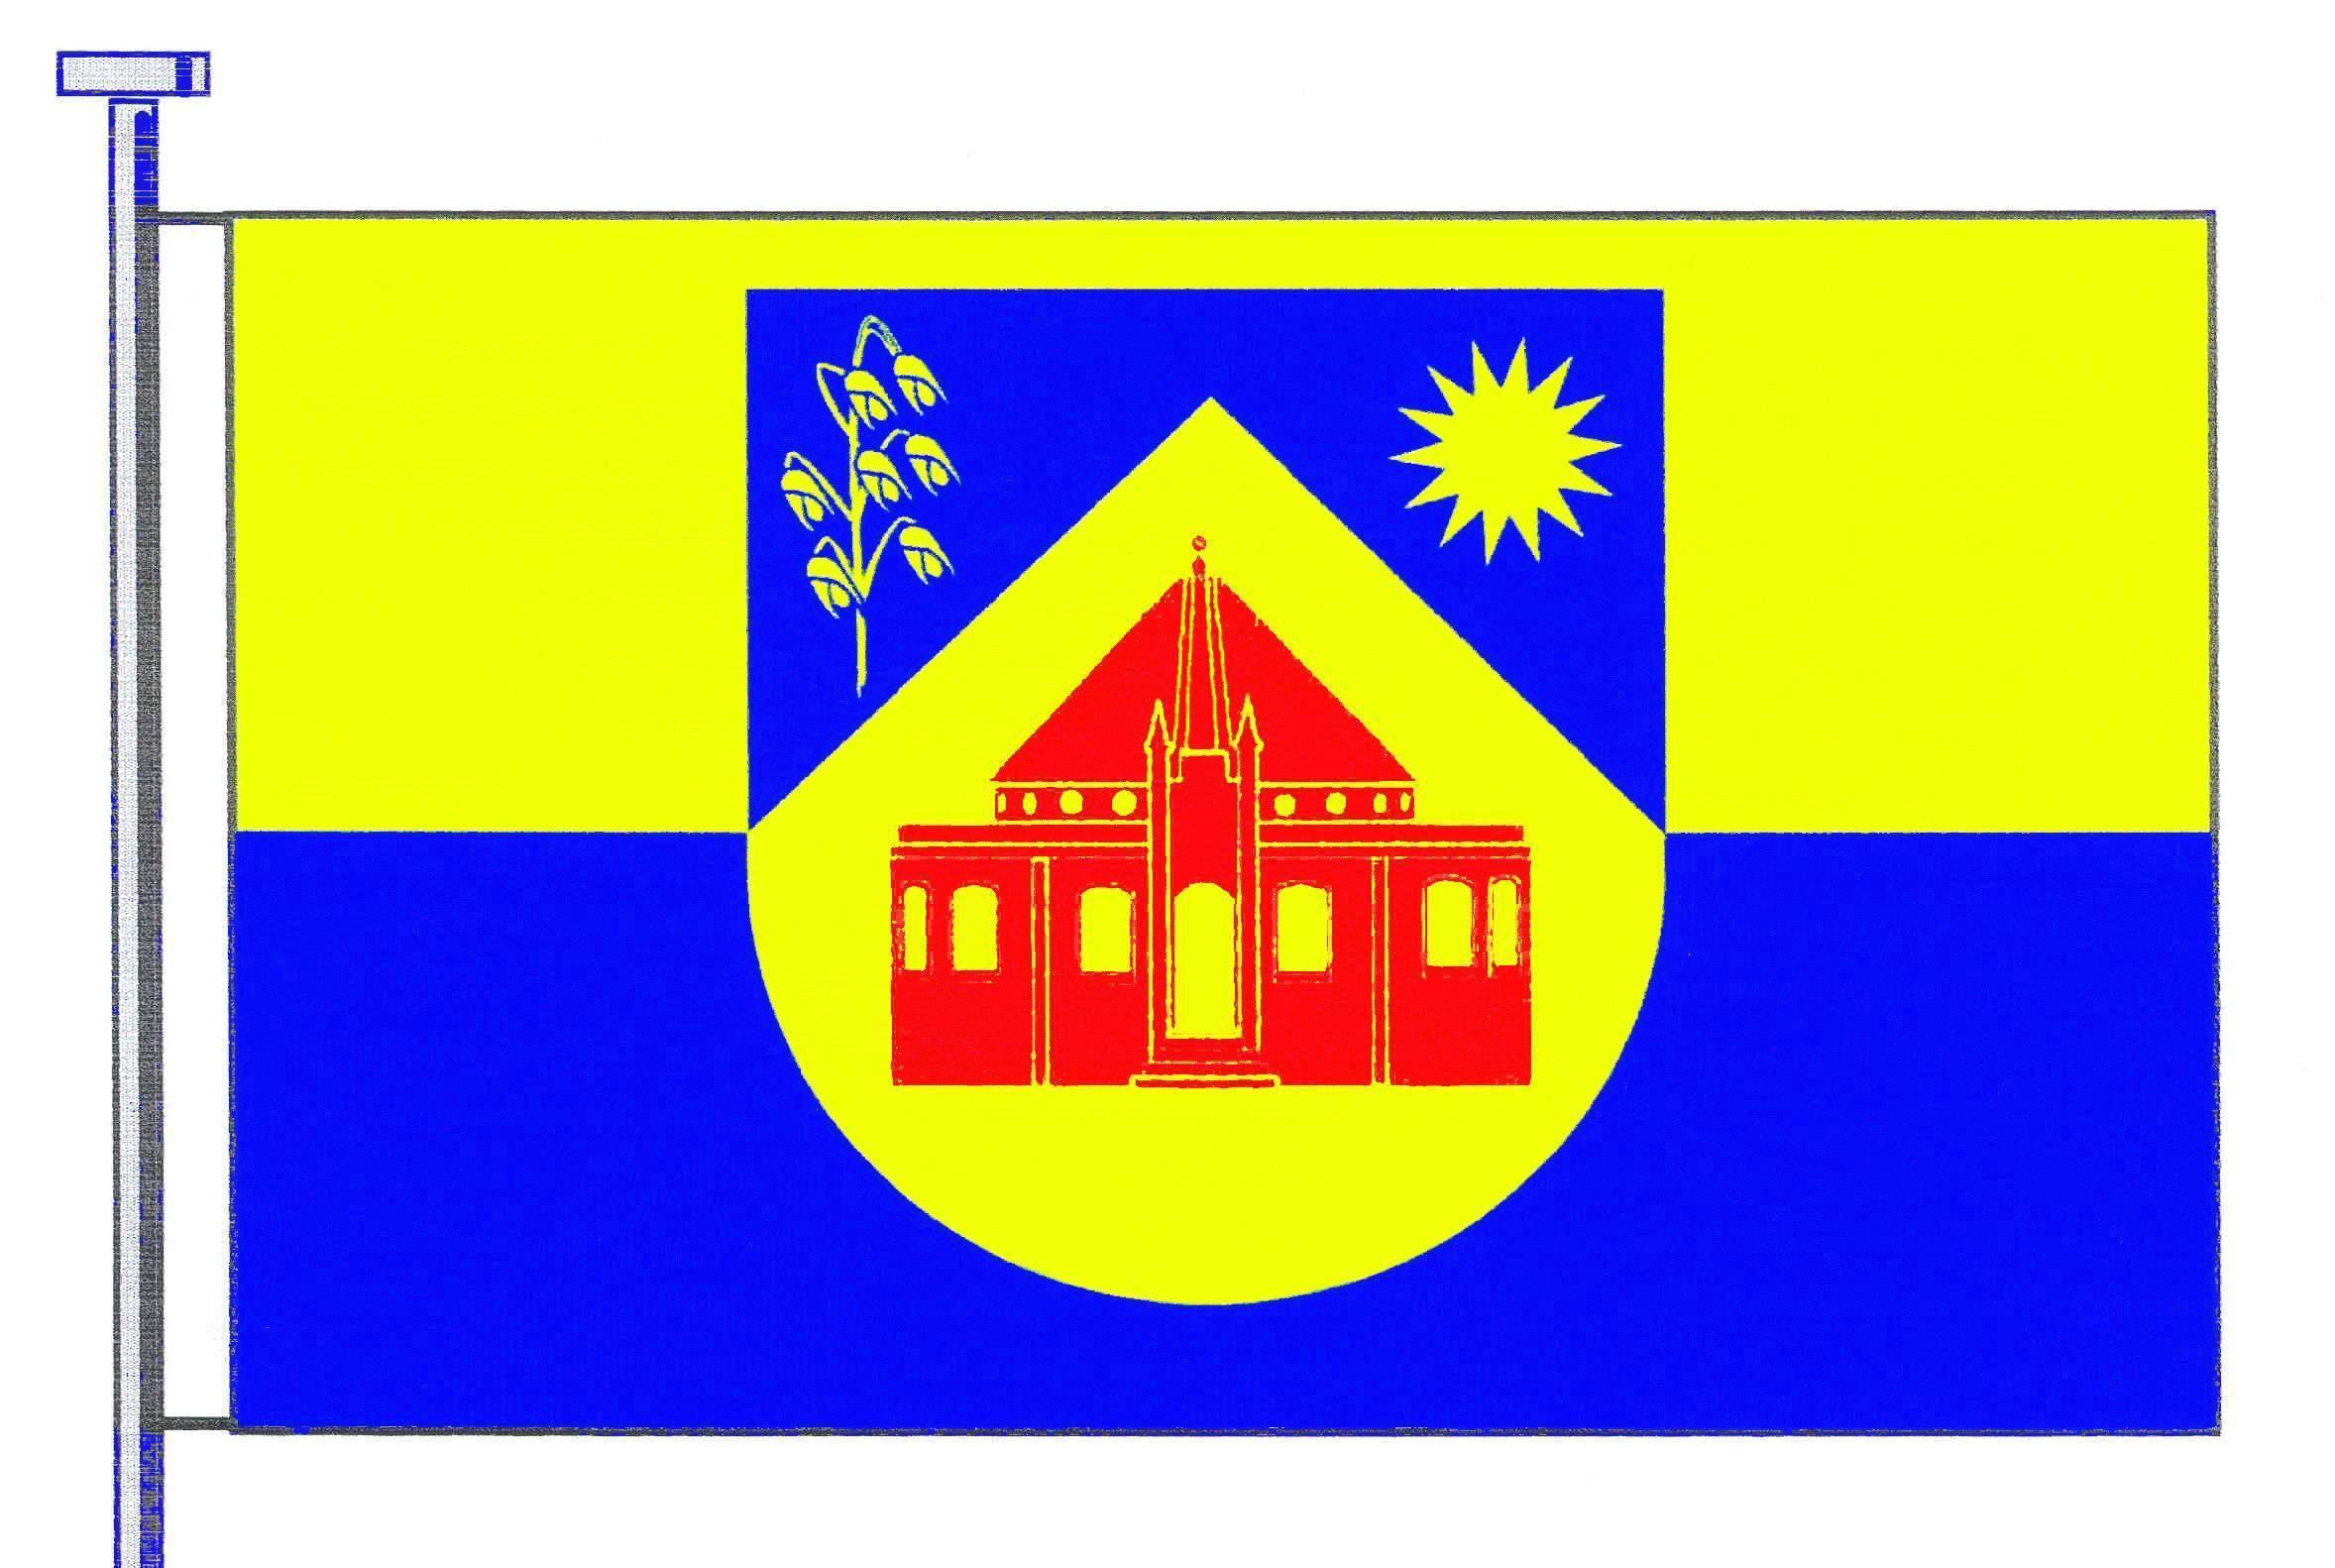 Flagge GemeindeBothkamp, Kreis Plön